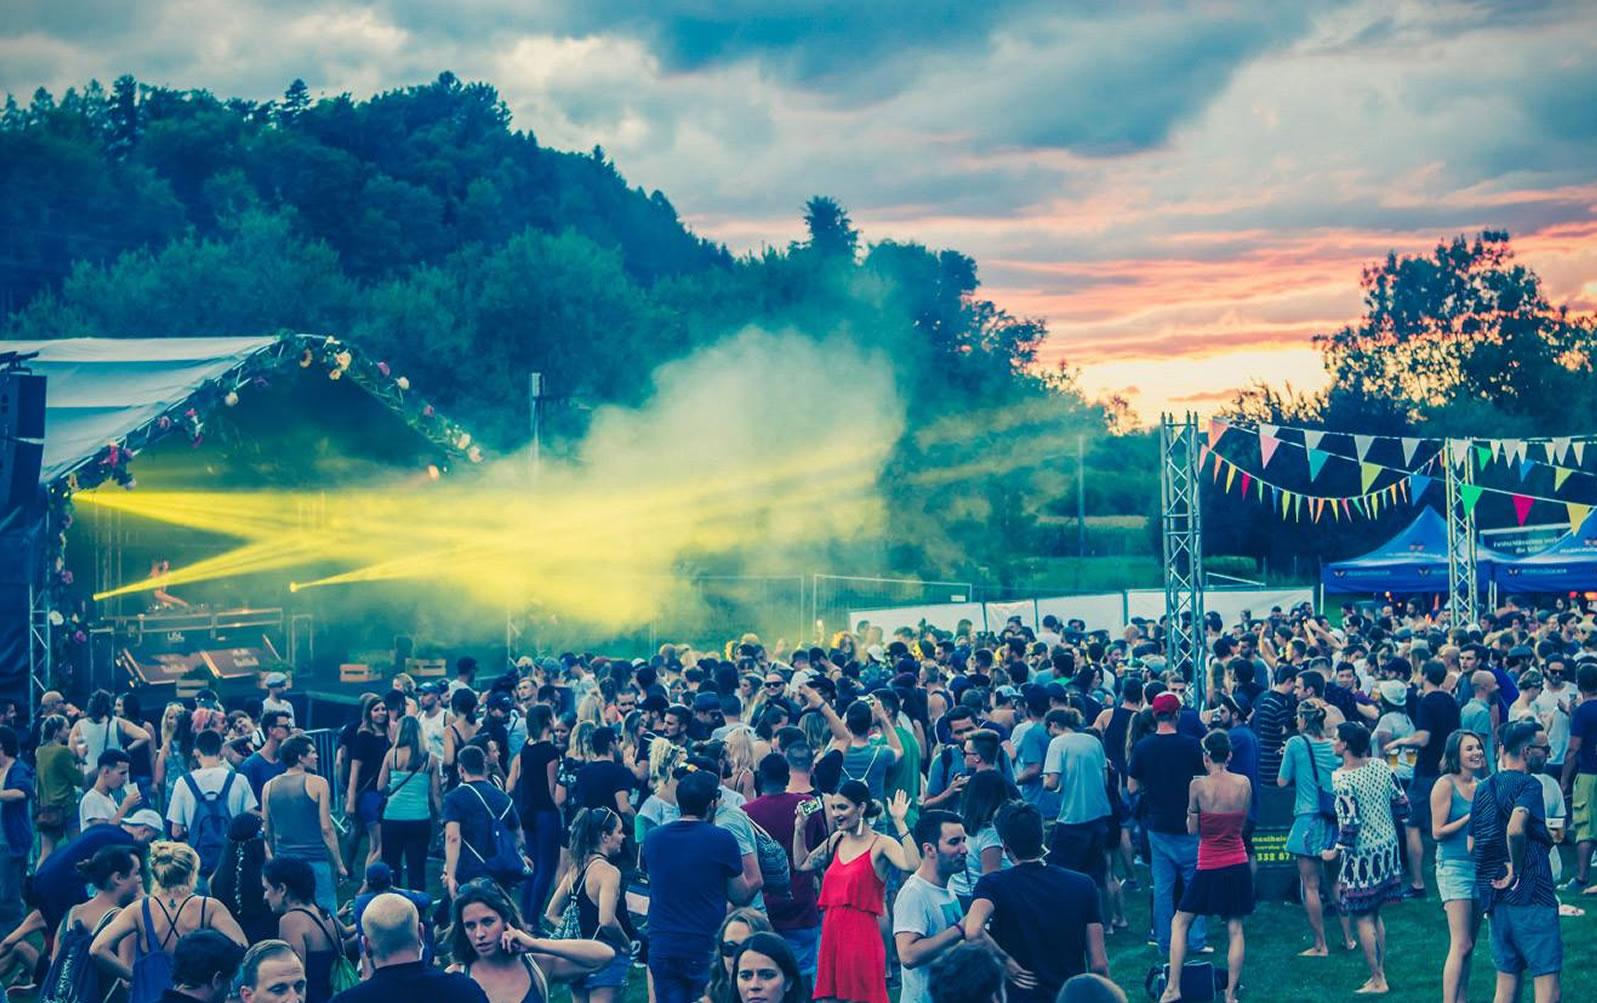 Eventtechnik für jeden Anlass. Sommerfest, Festival, Openair oder Firmenanlass. USL Veranstaltungstechnik ist Ihr Profi